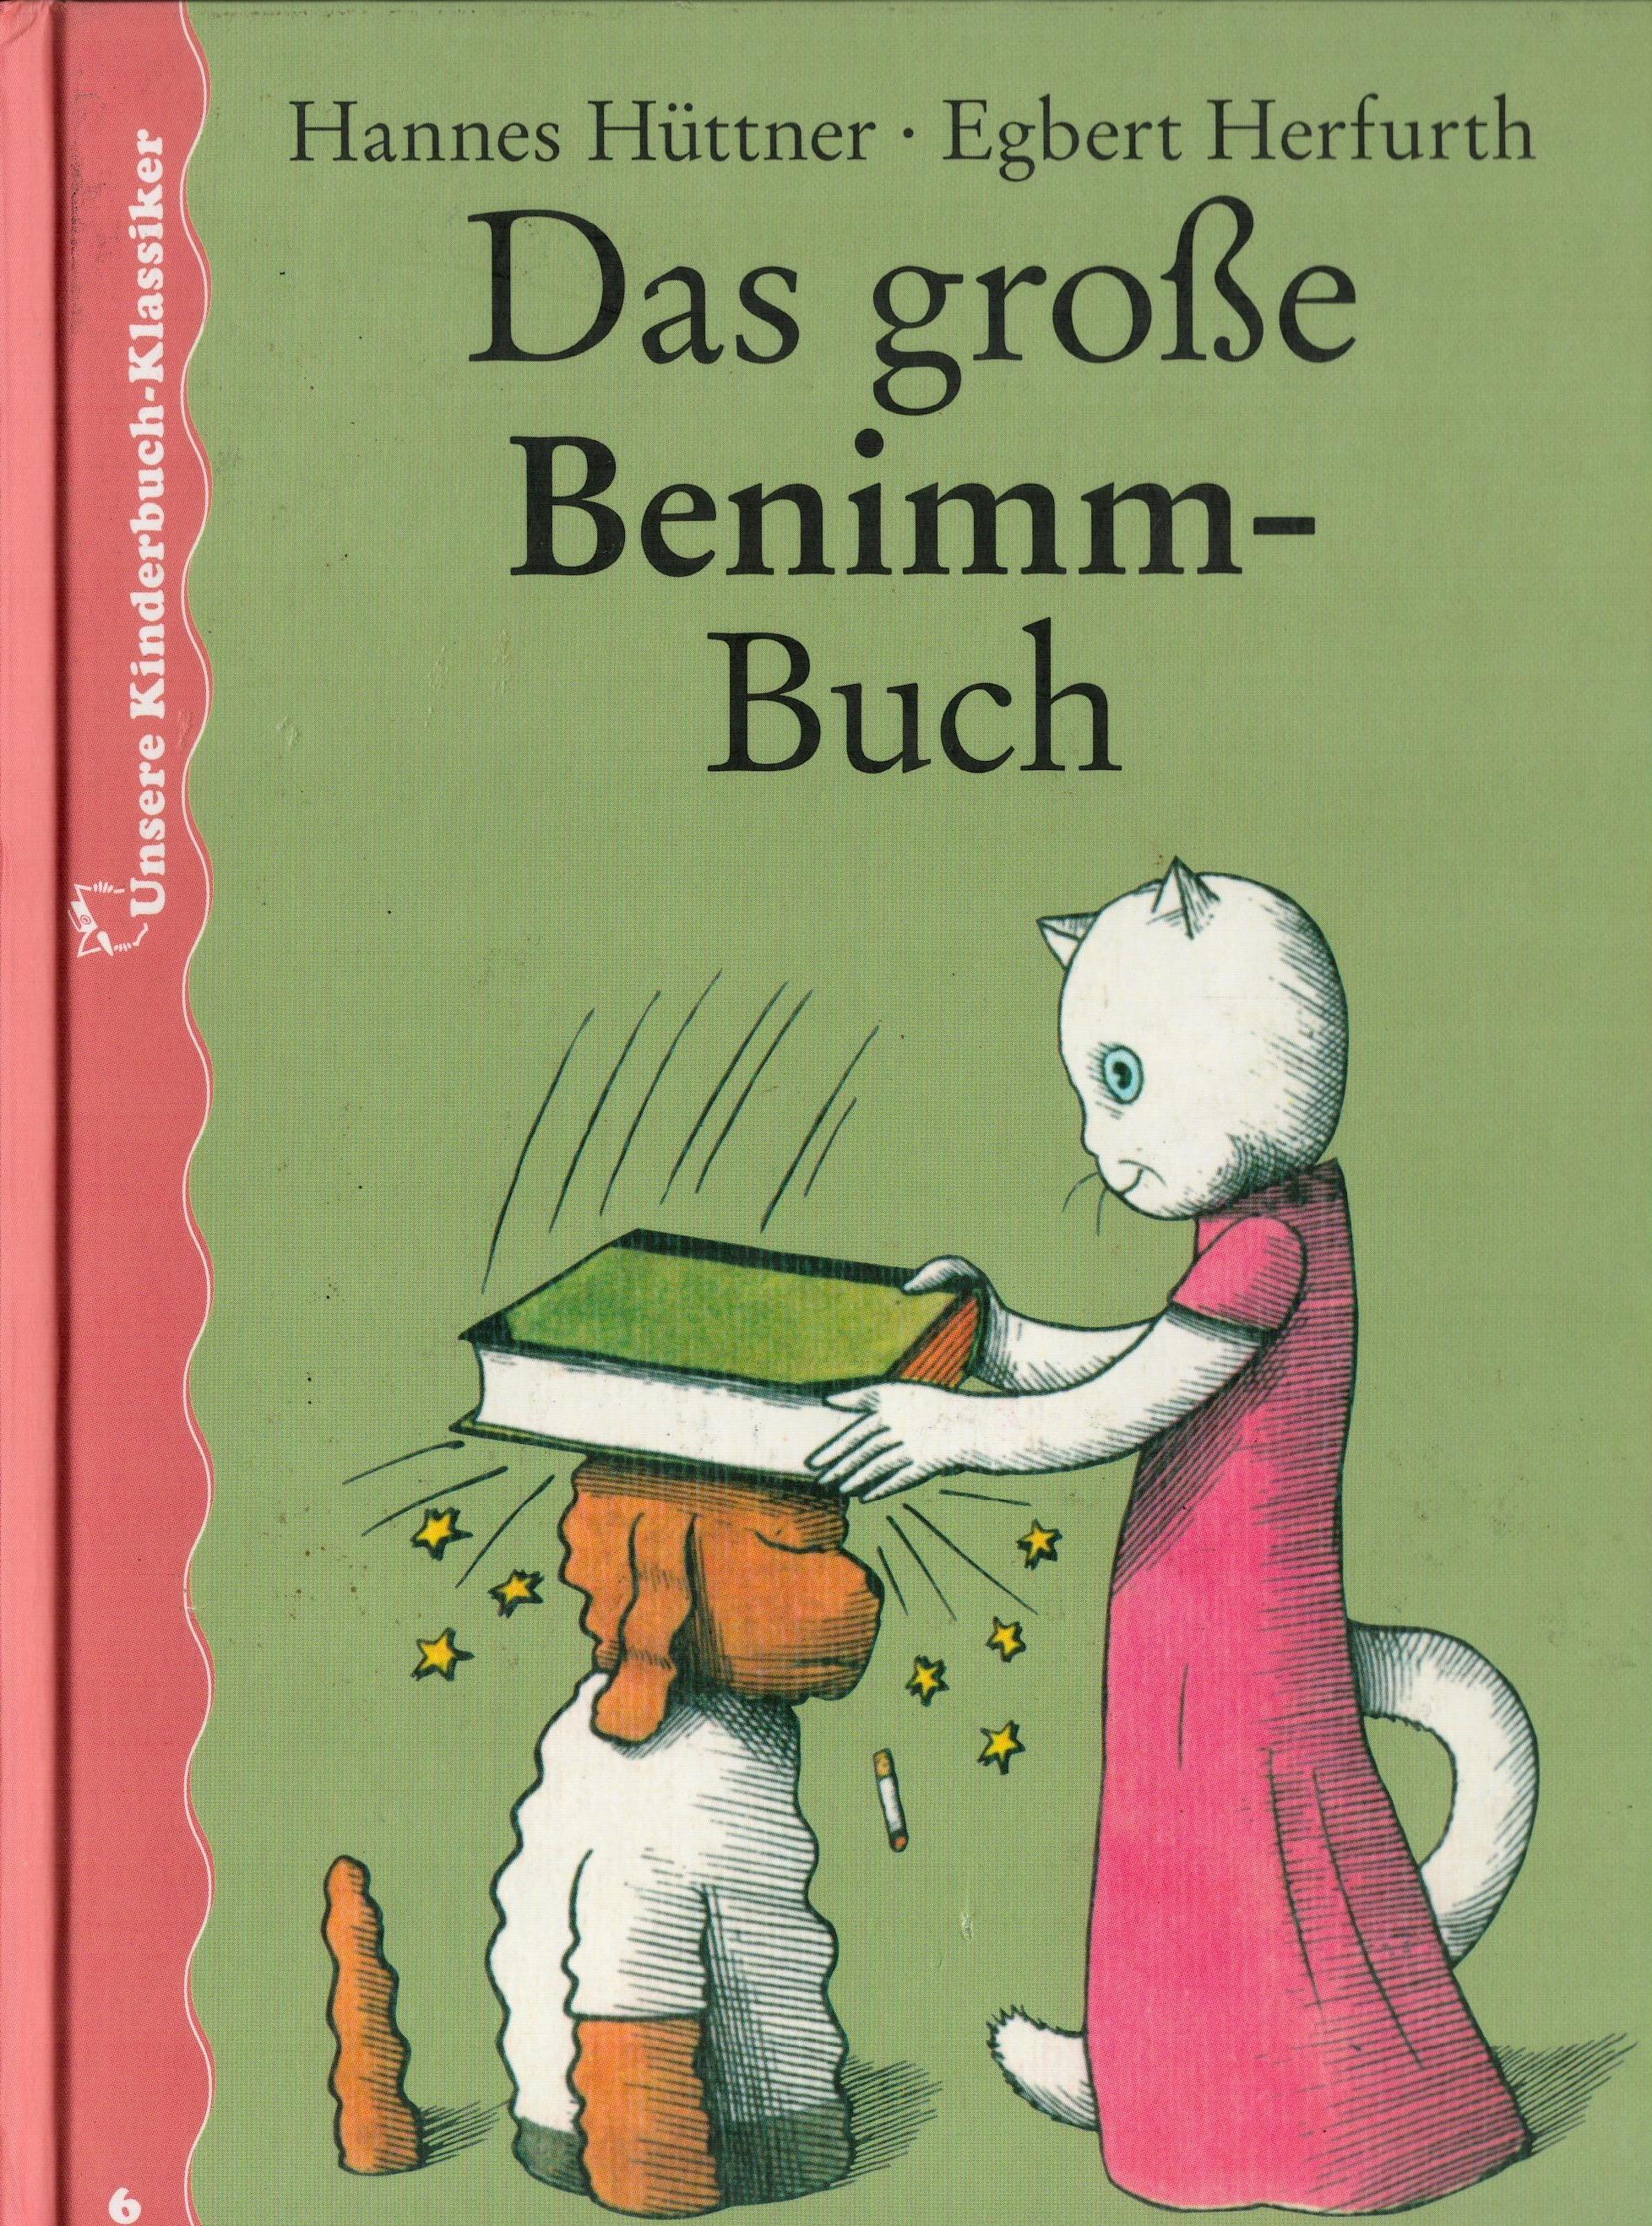 Das große Benimm-Buch